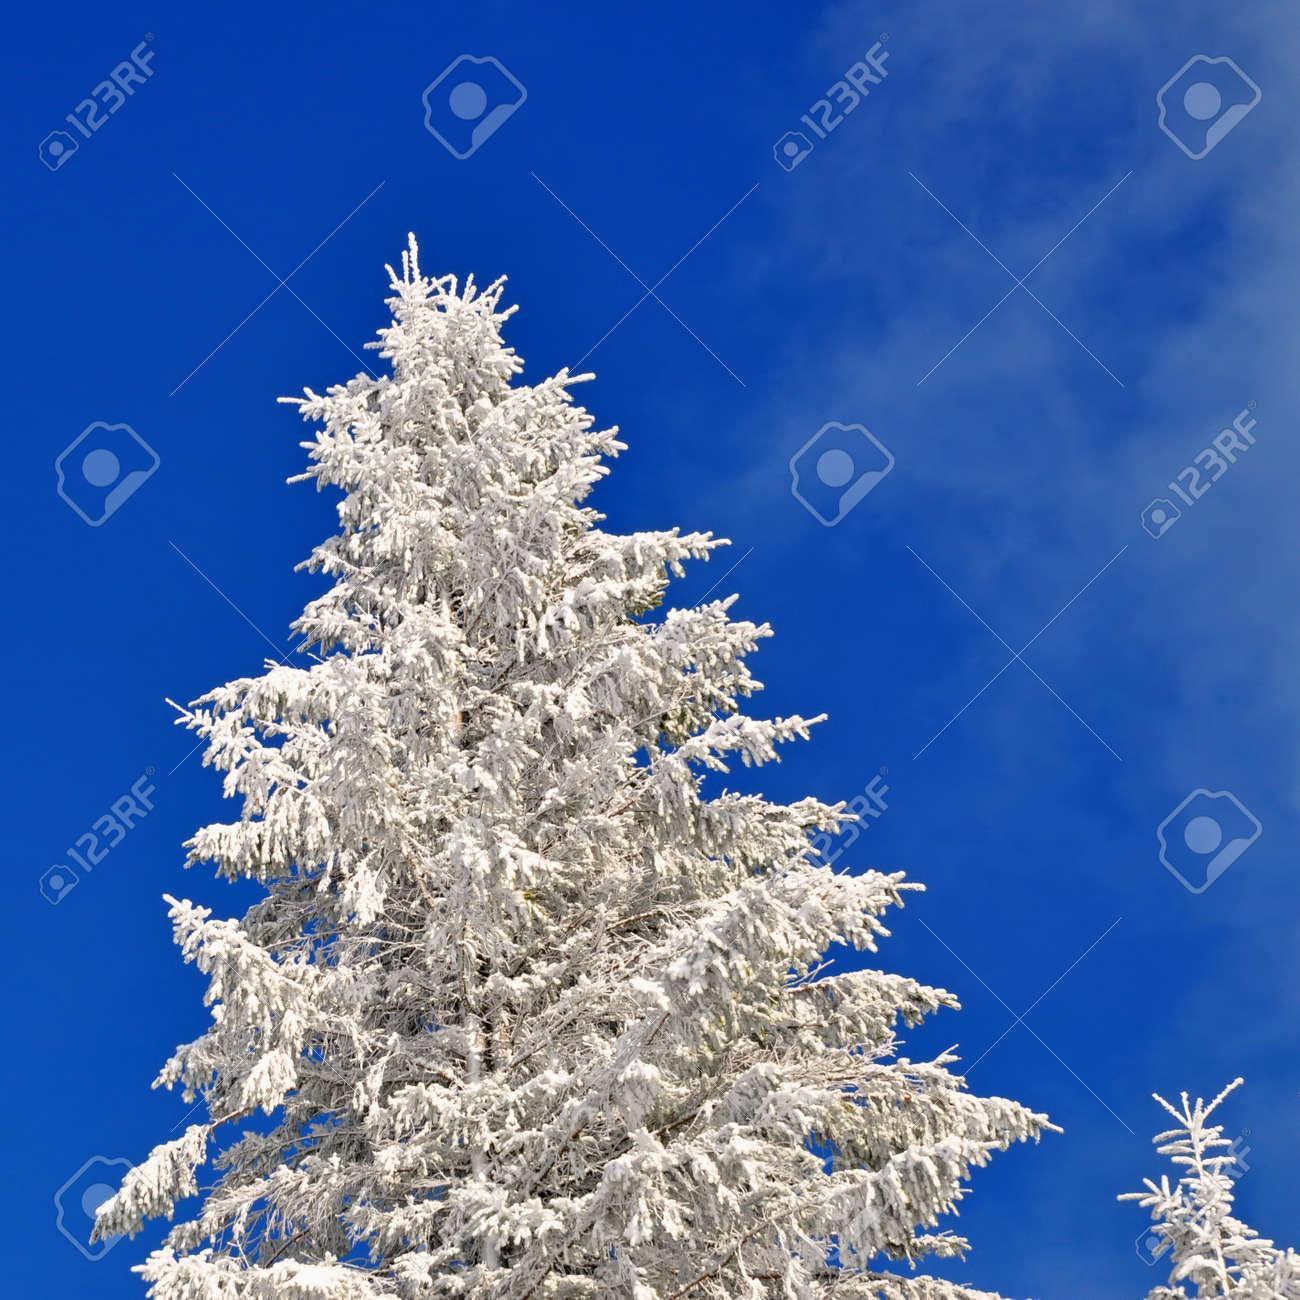 Fir under snow Stock Photo - 16821174